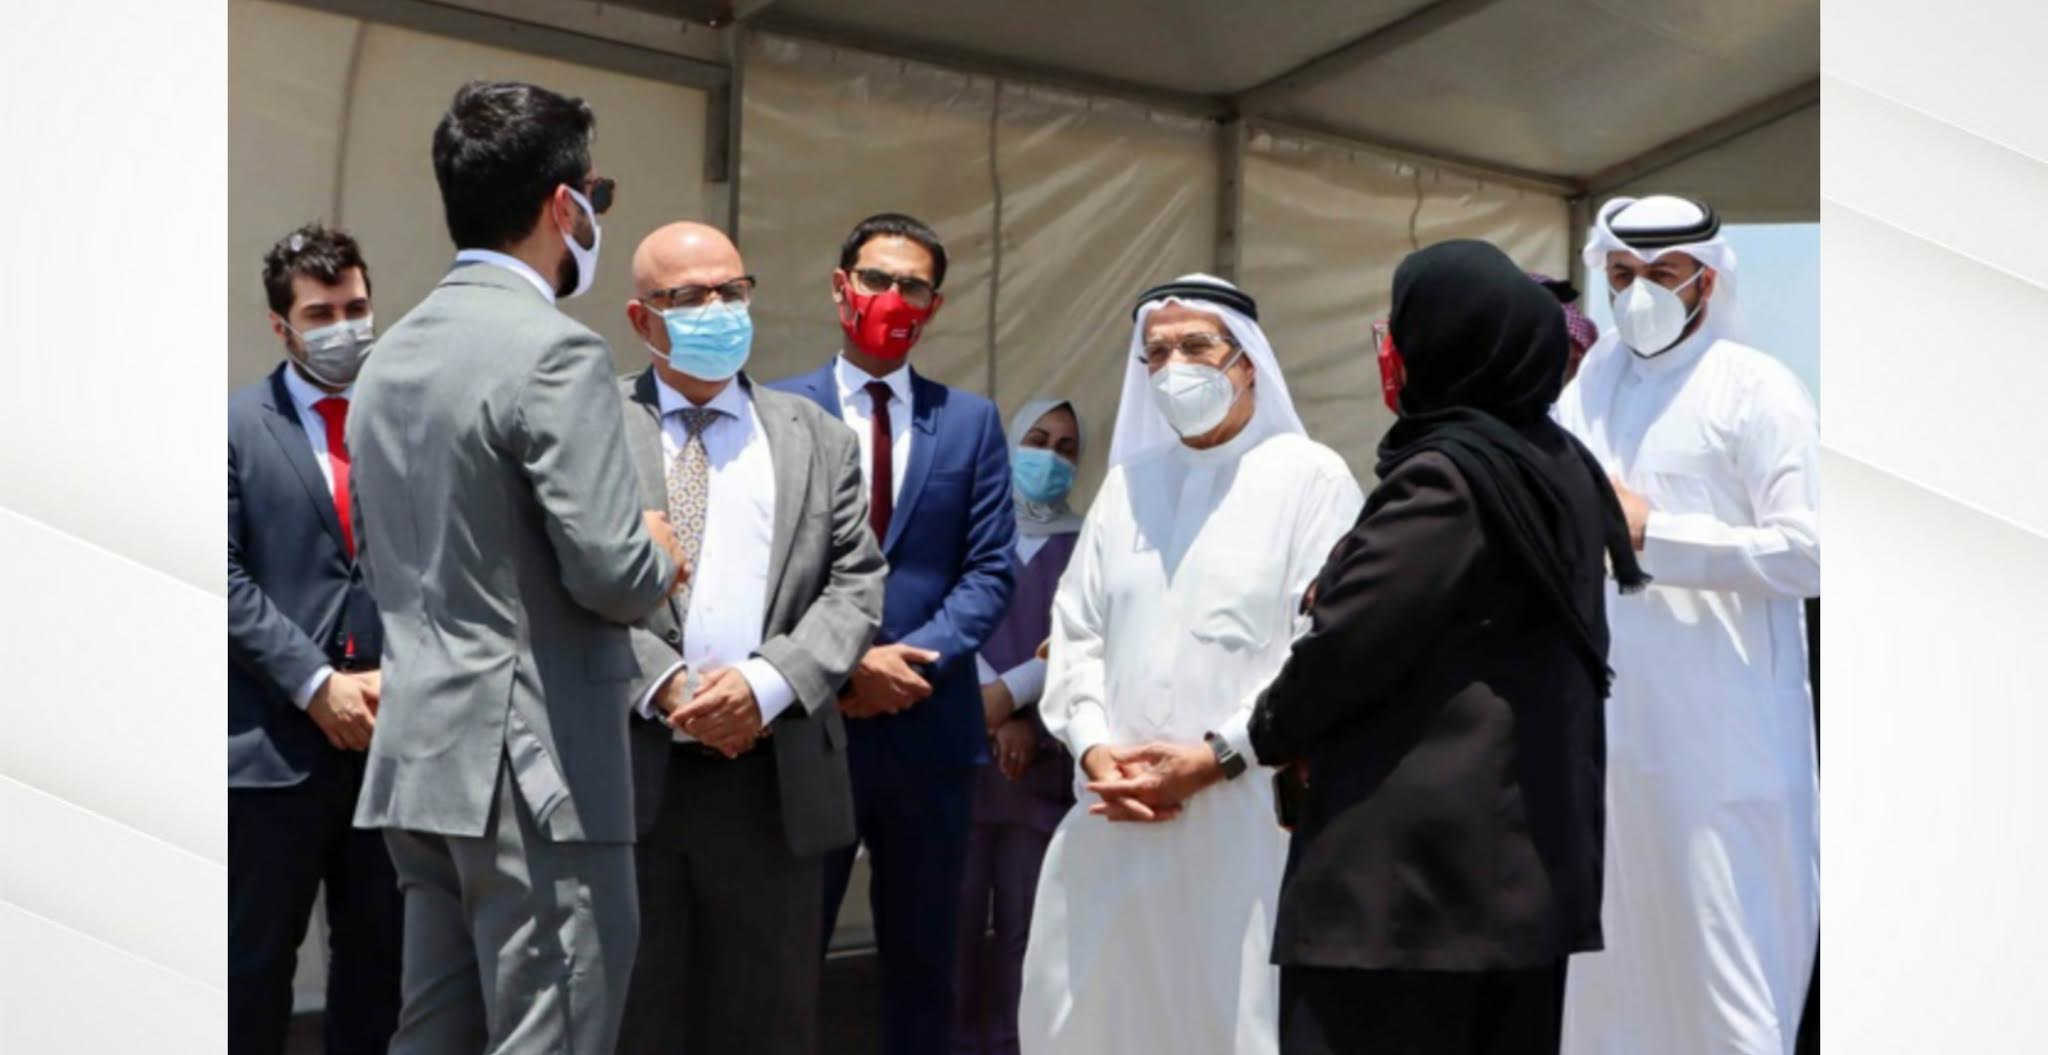 رئيس المجلس الأعلى للصحة يدشن مركز إضافي للفحص من المركبات بمحافظة المحرق